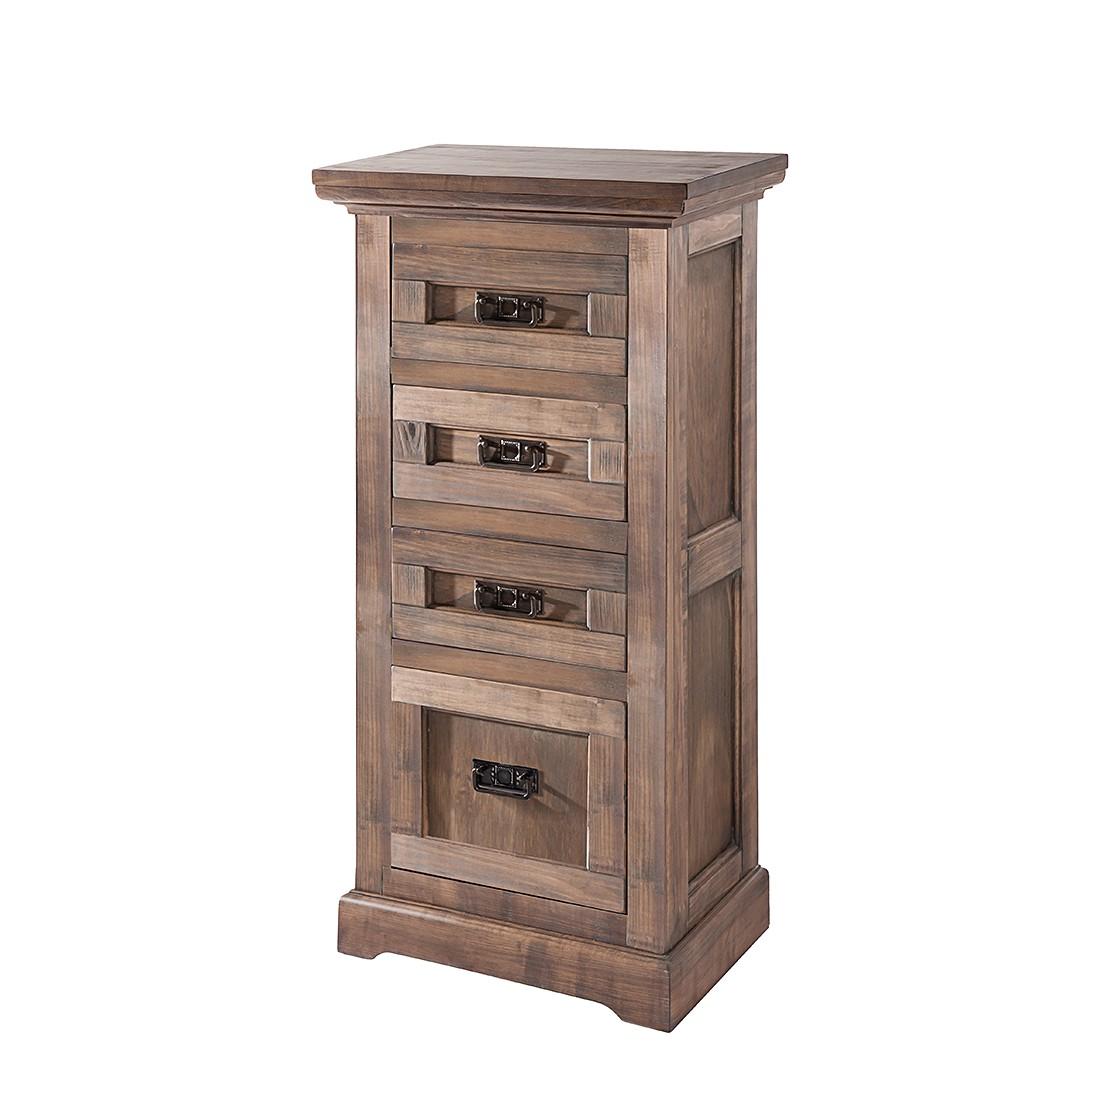 Cassettiera Kennet - Parzialmente in legno massello di tiglio spazzolato/sbiancato, Ridgevalley